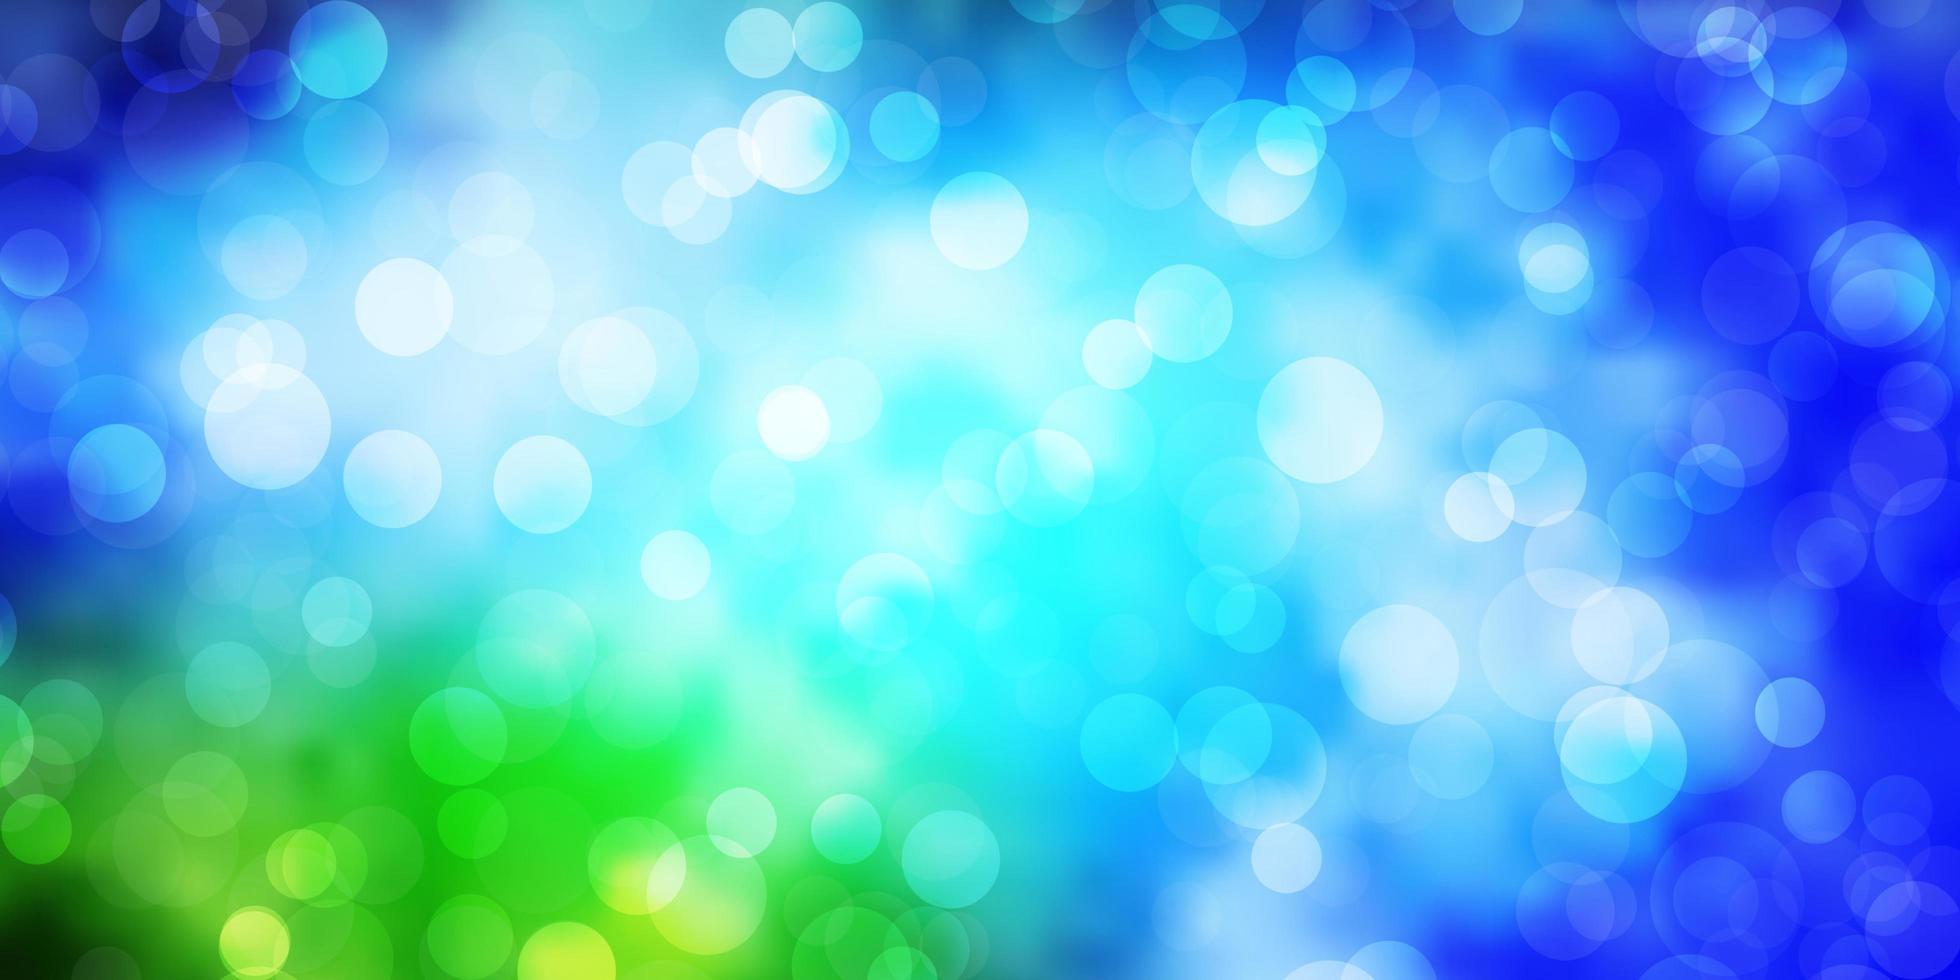 padrão de vetor azul, verde claro com círculos.